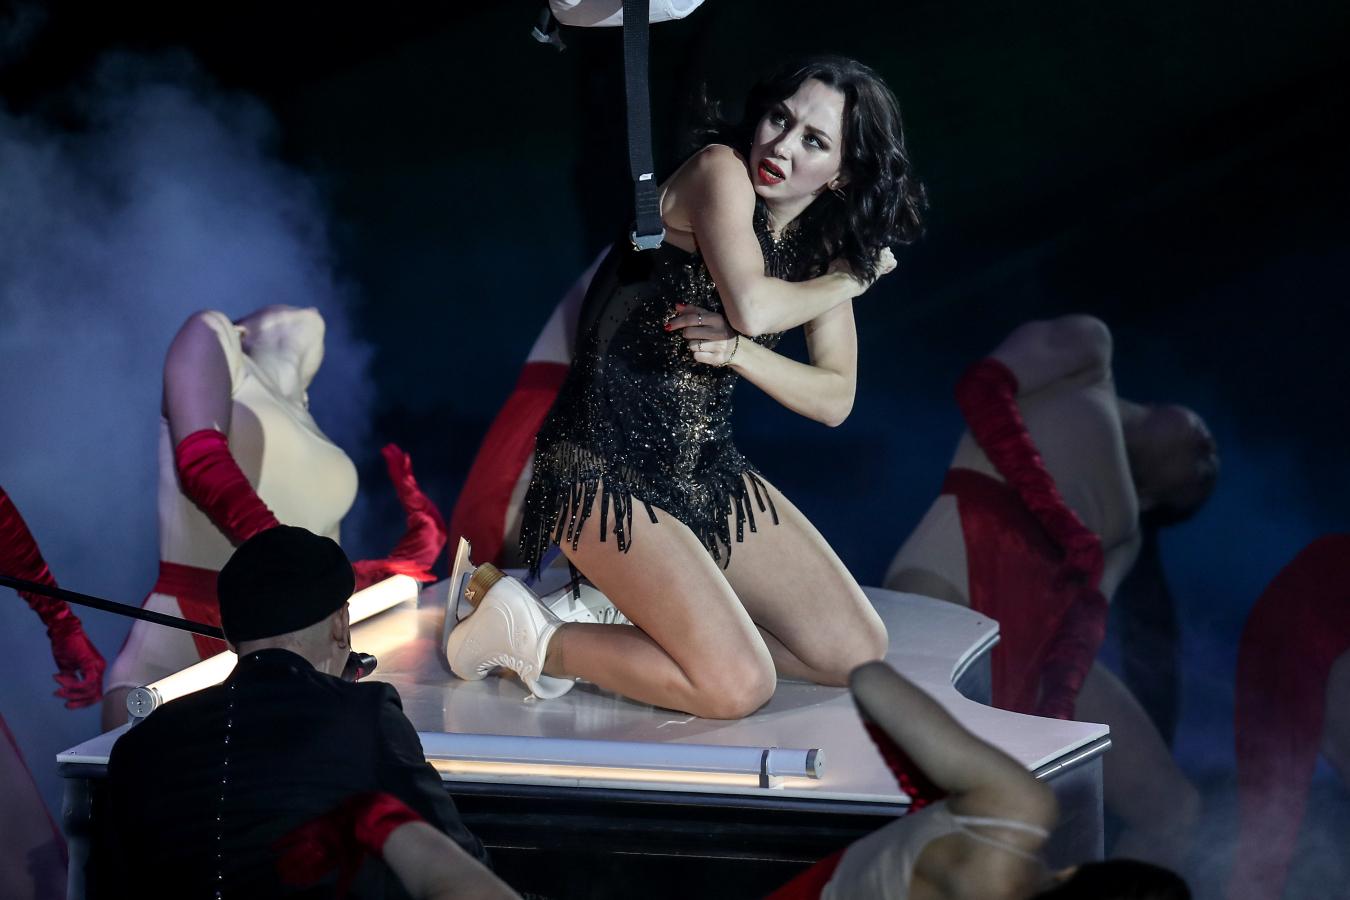 Анна Семенович: Туктамышева с формами, она прямо женщина. У неё сексуальный артистизм